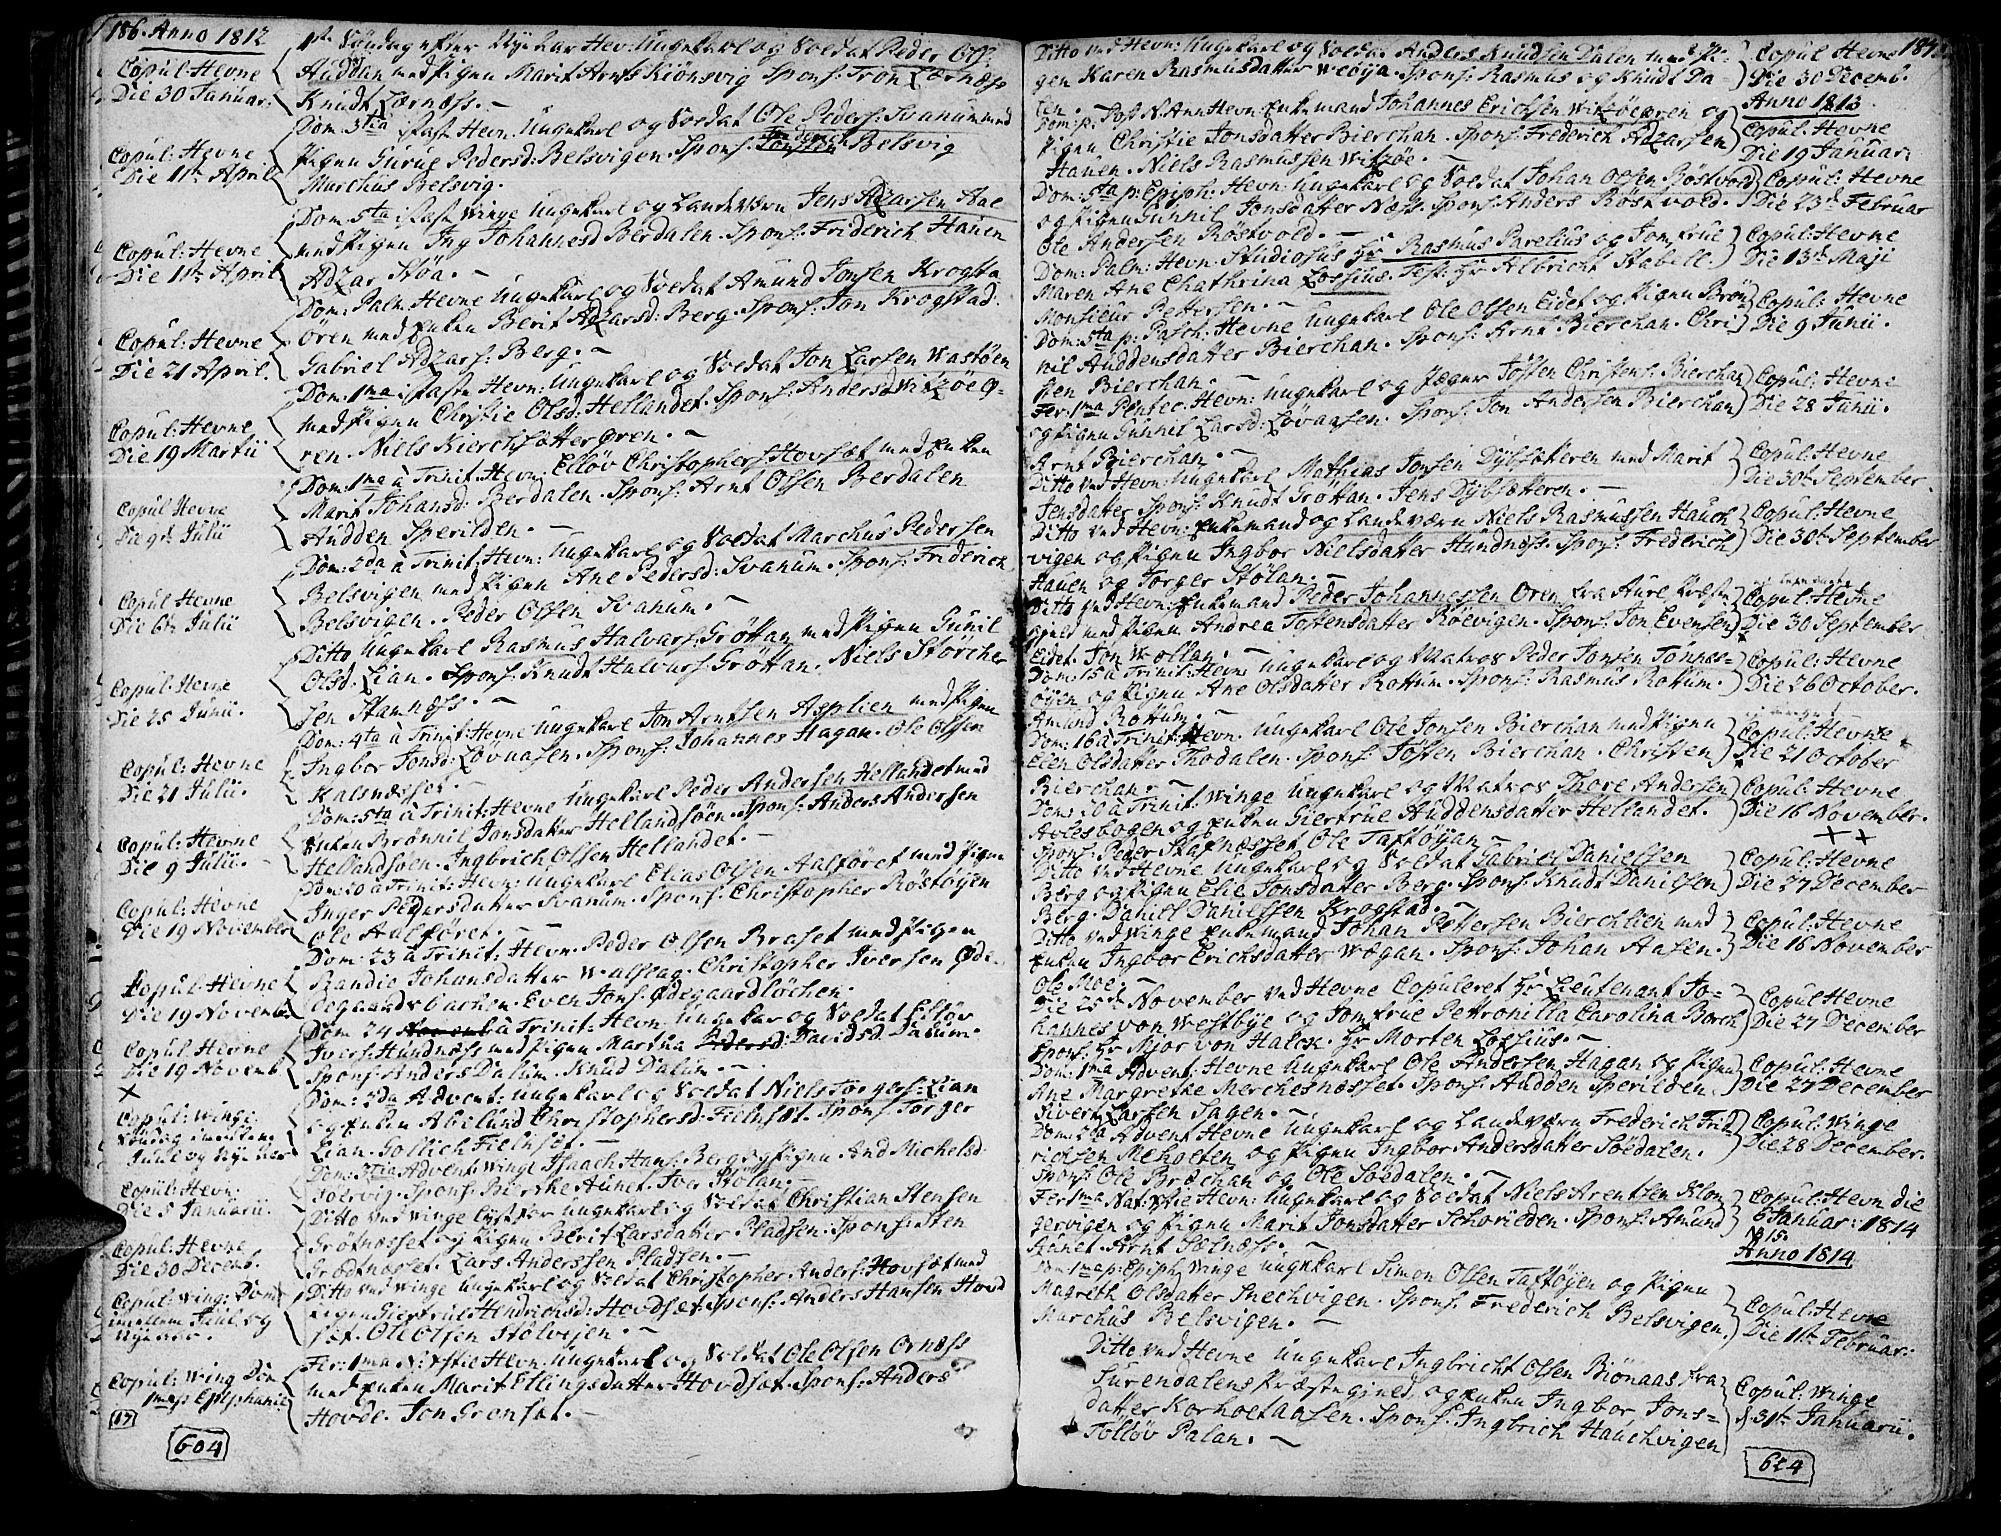 SAT, Ministerialprotokoller, klokkerbøker og fødselsregistre - Sør-Trøndelag, 630/L0490: Ministerialbok nr. 630A03, 1795-1818, s. 186-187